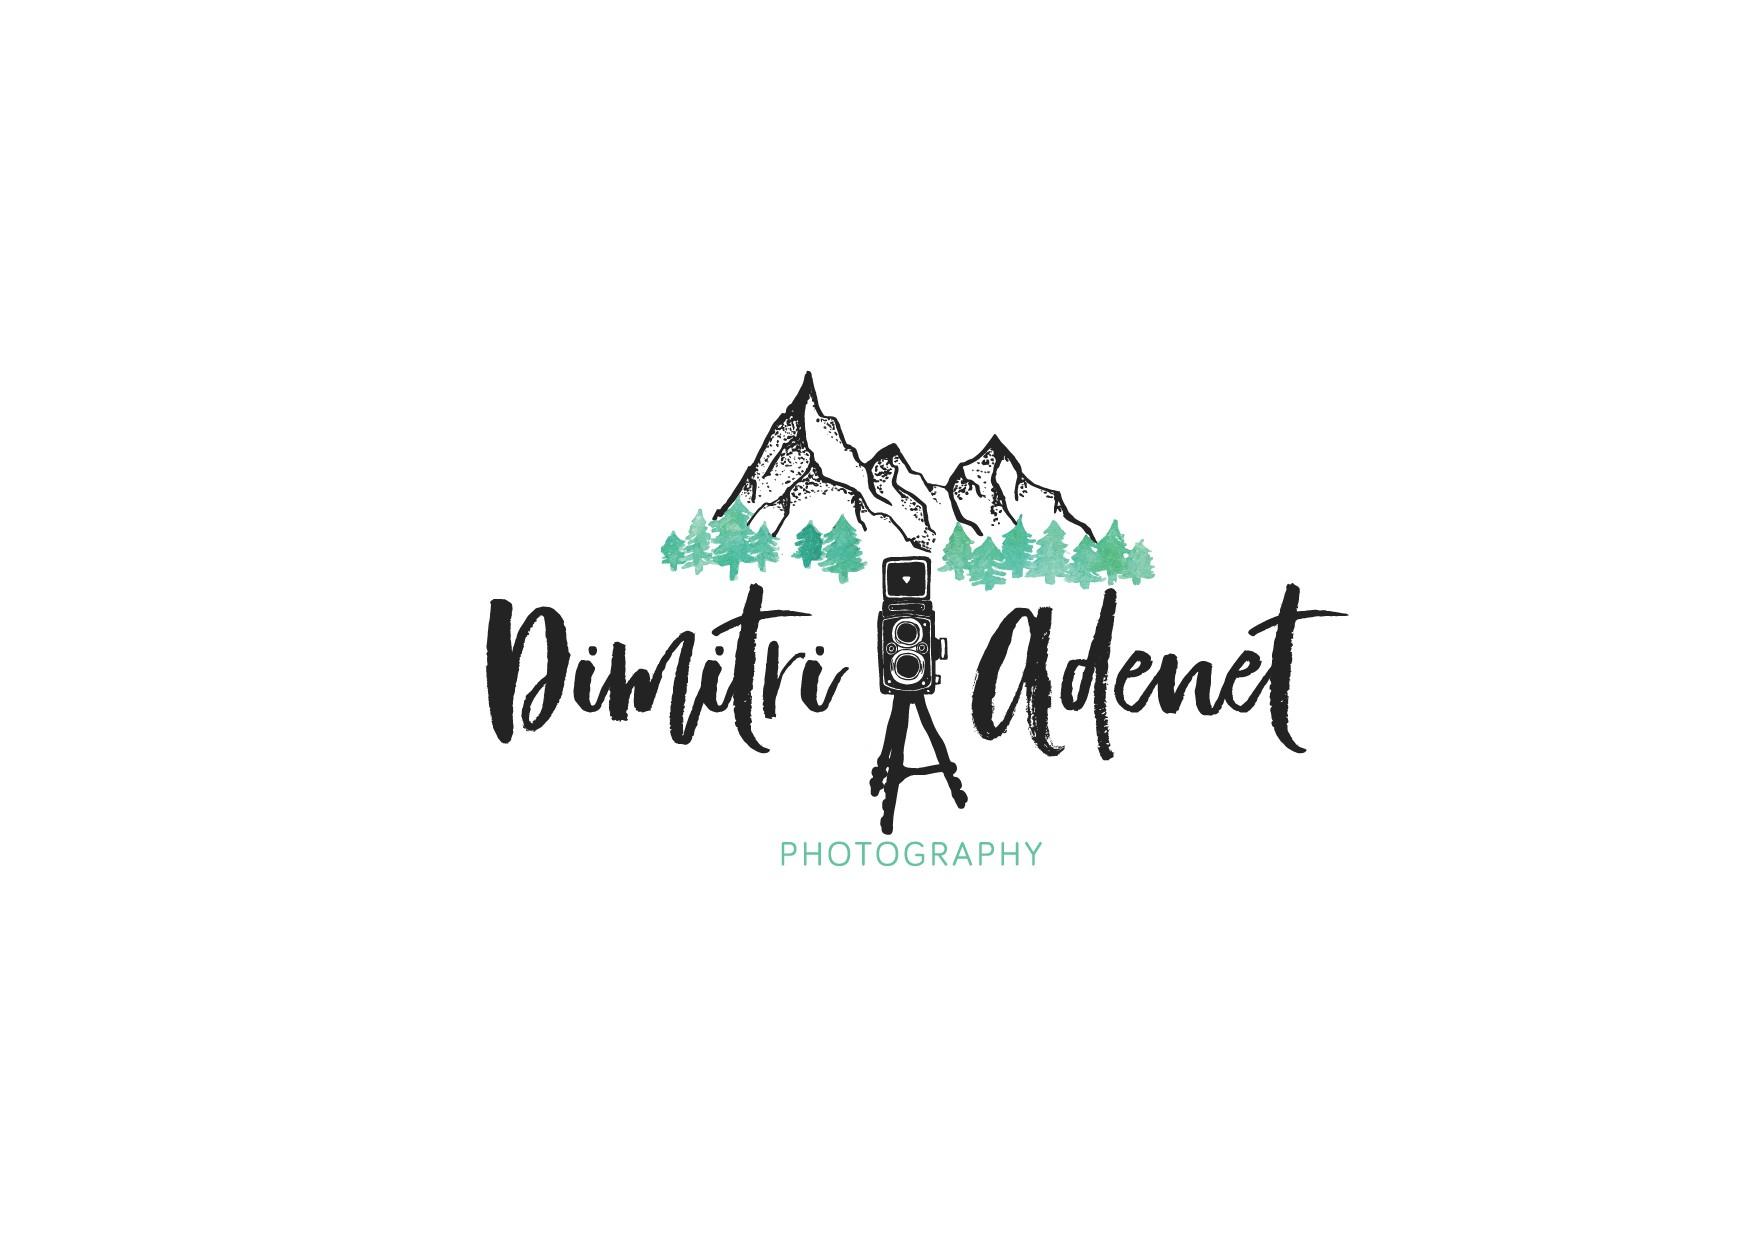 Logo for a wedding website